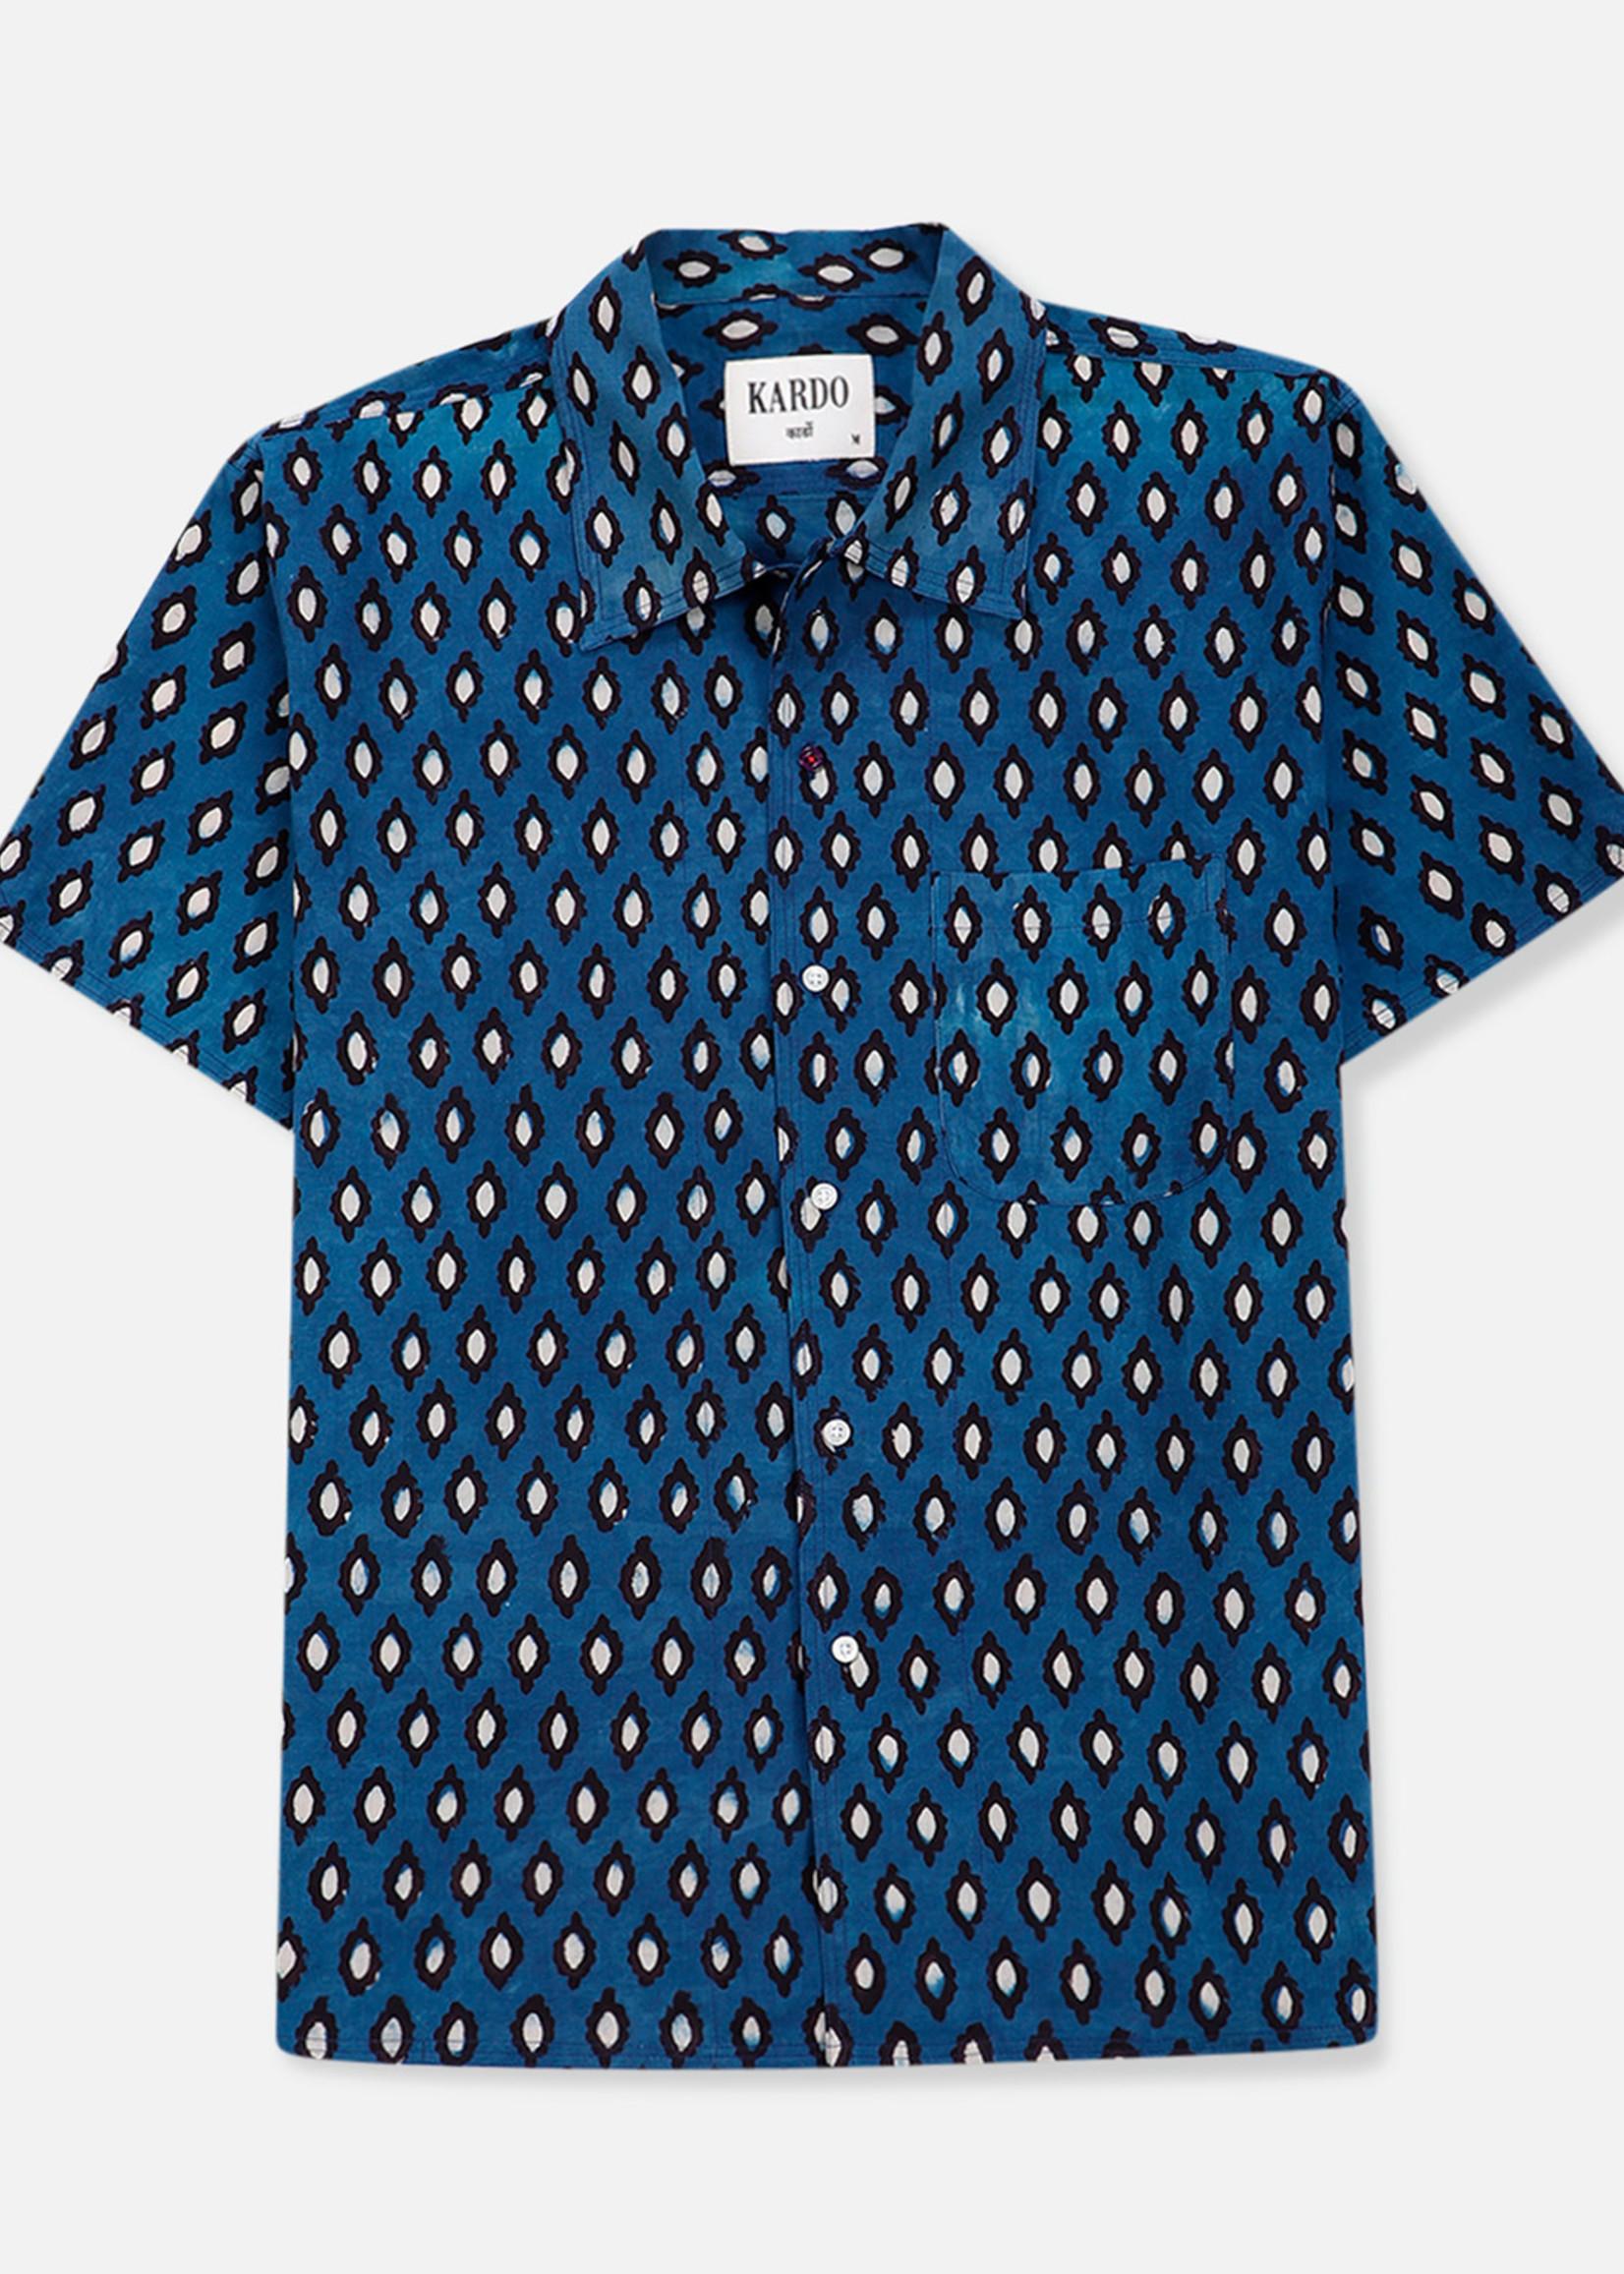 Kardo Kardo Chintan Blue Short Sleeve Shirt